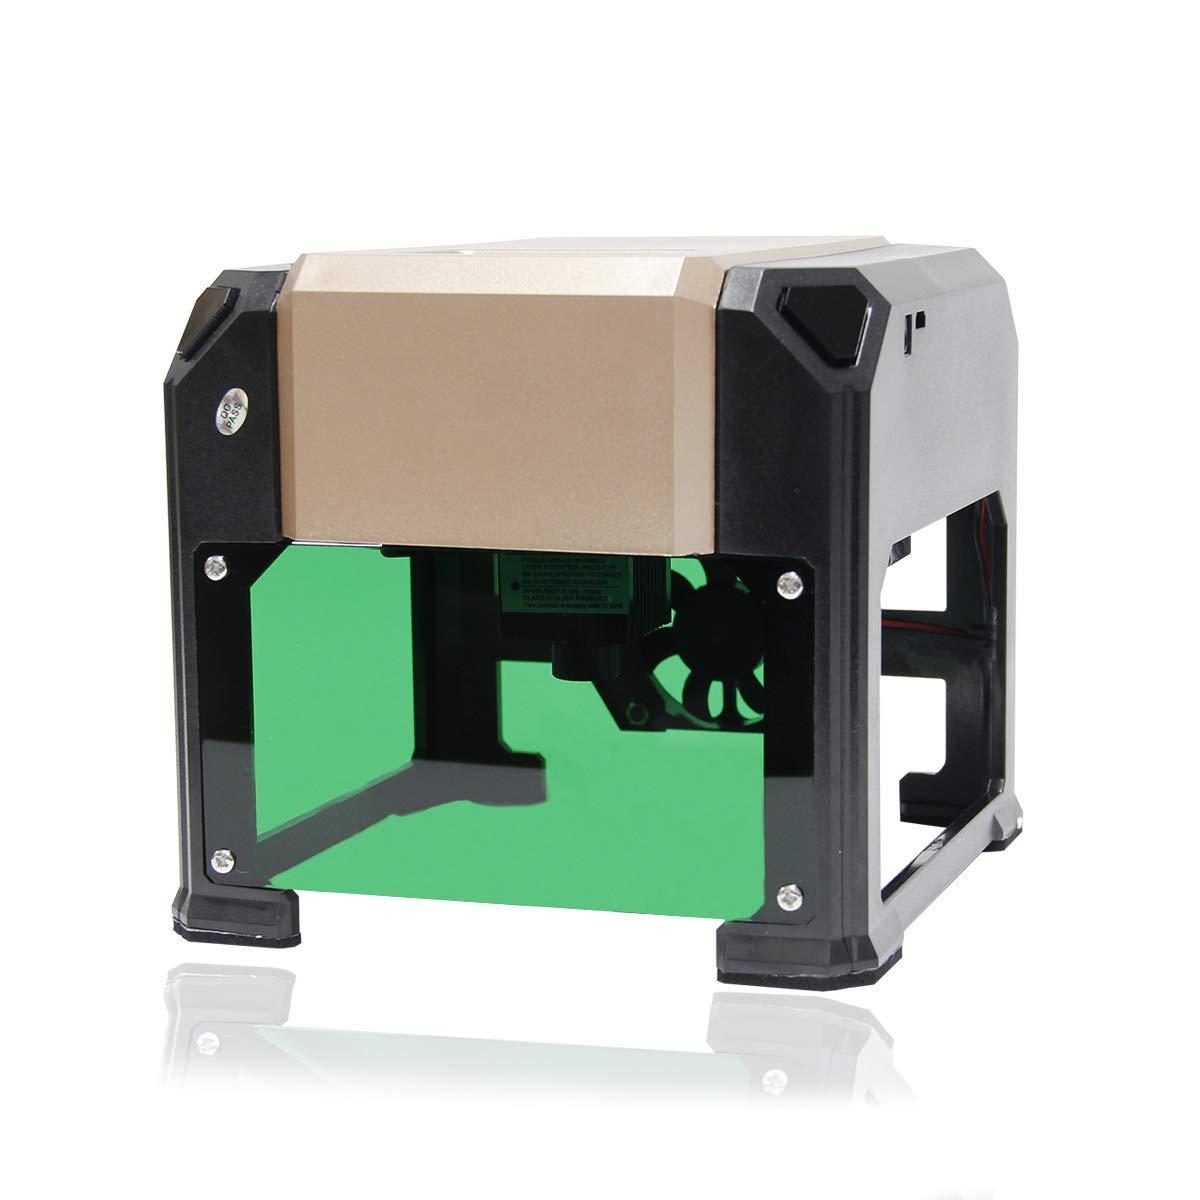 Wisamic DIY Lasergravurmaschine Laser Engraver Printer - 3000 mW Mini Drucker USB Wireless Machine fü r Kunst Handwerk Wissenschaft , Carver Grö ß e 80 x 80mm